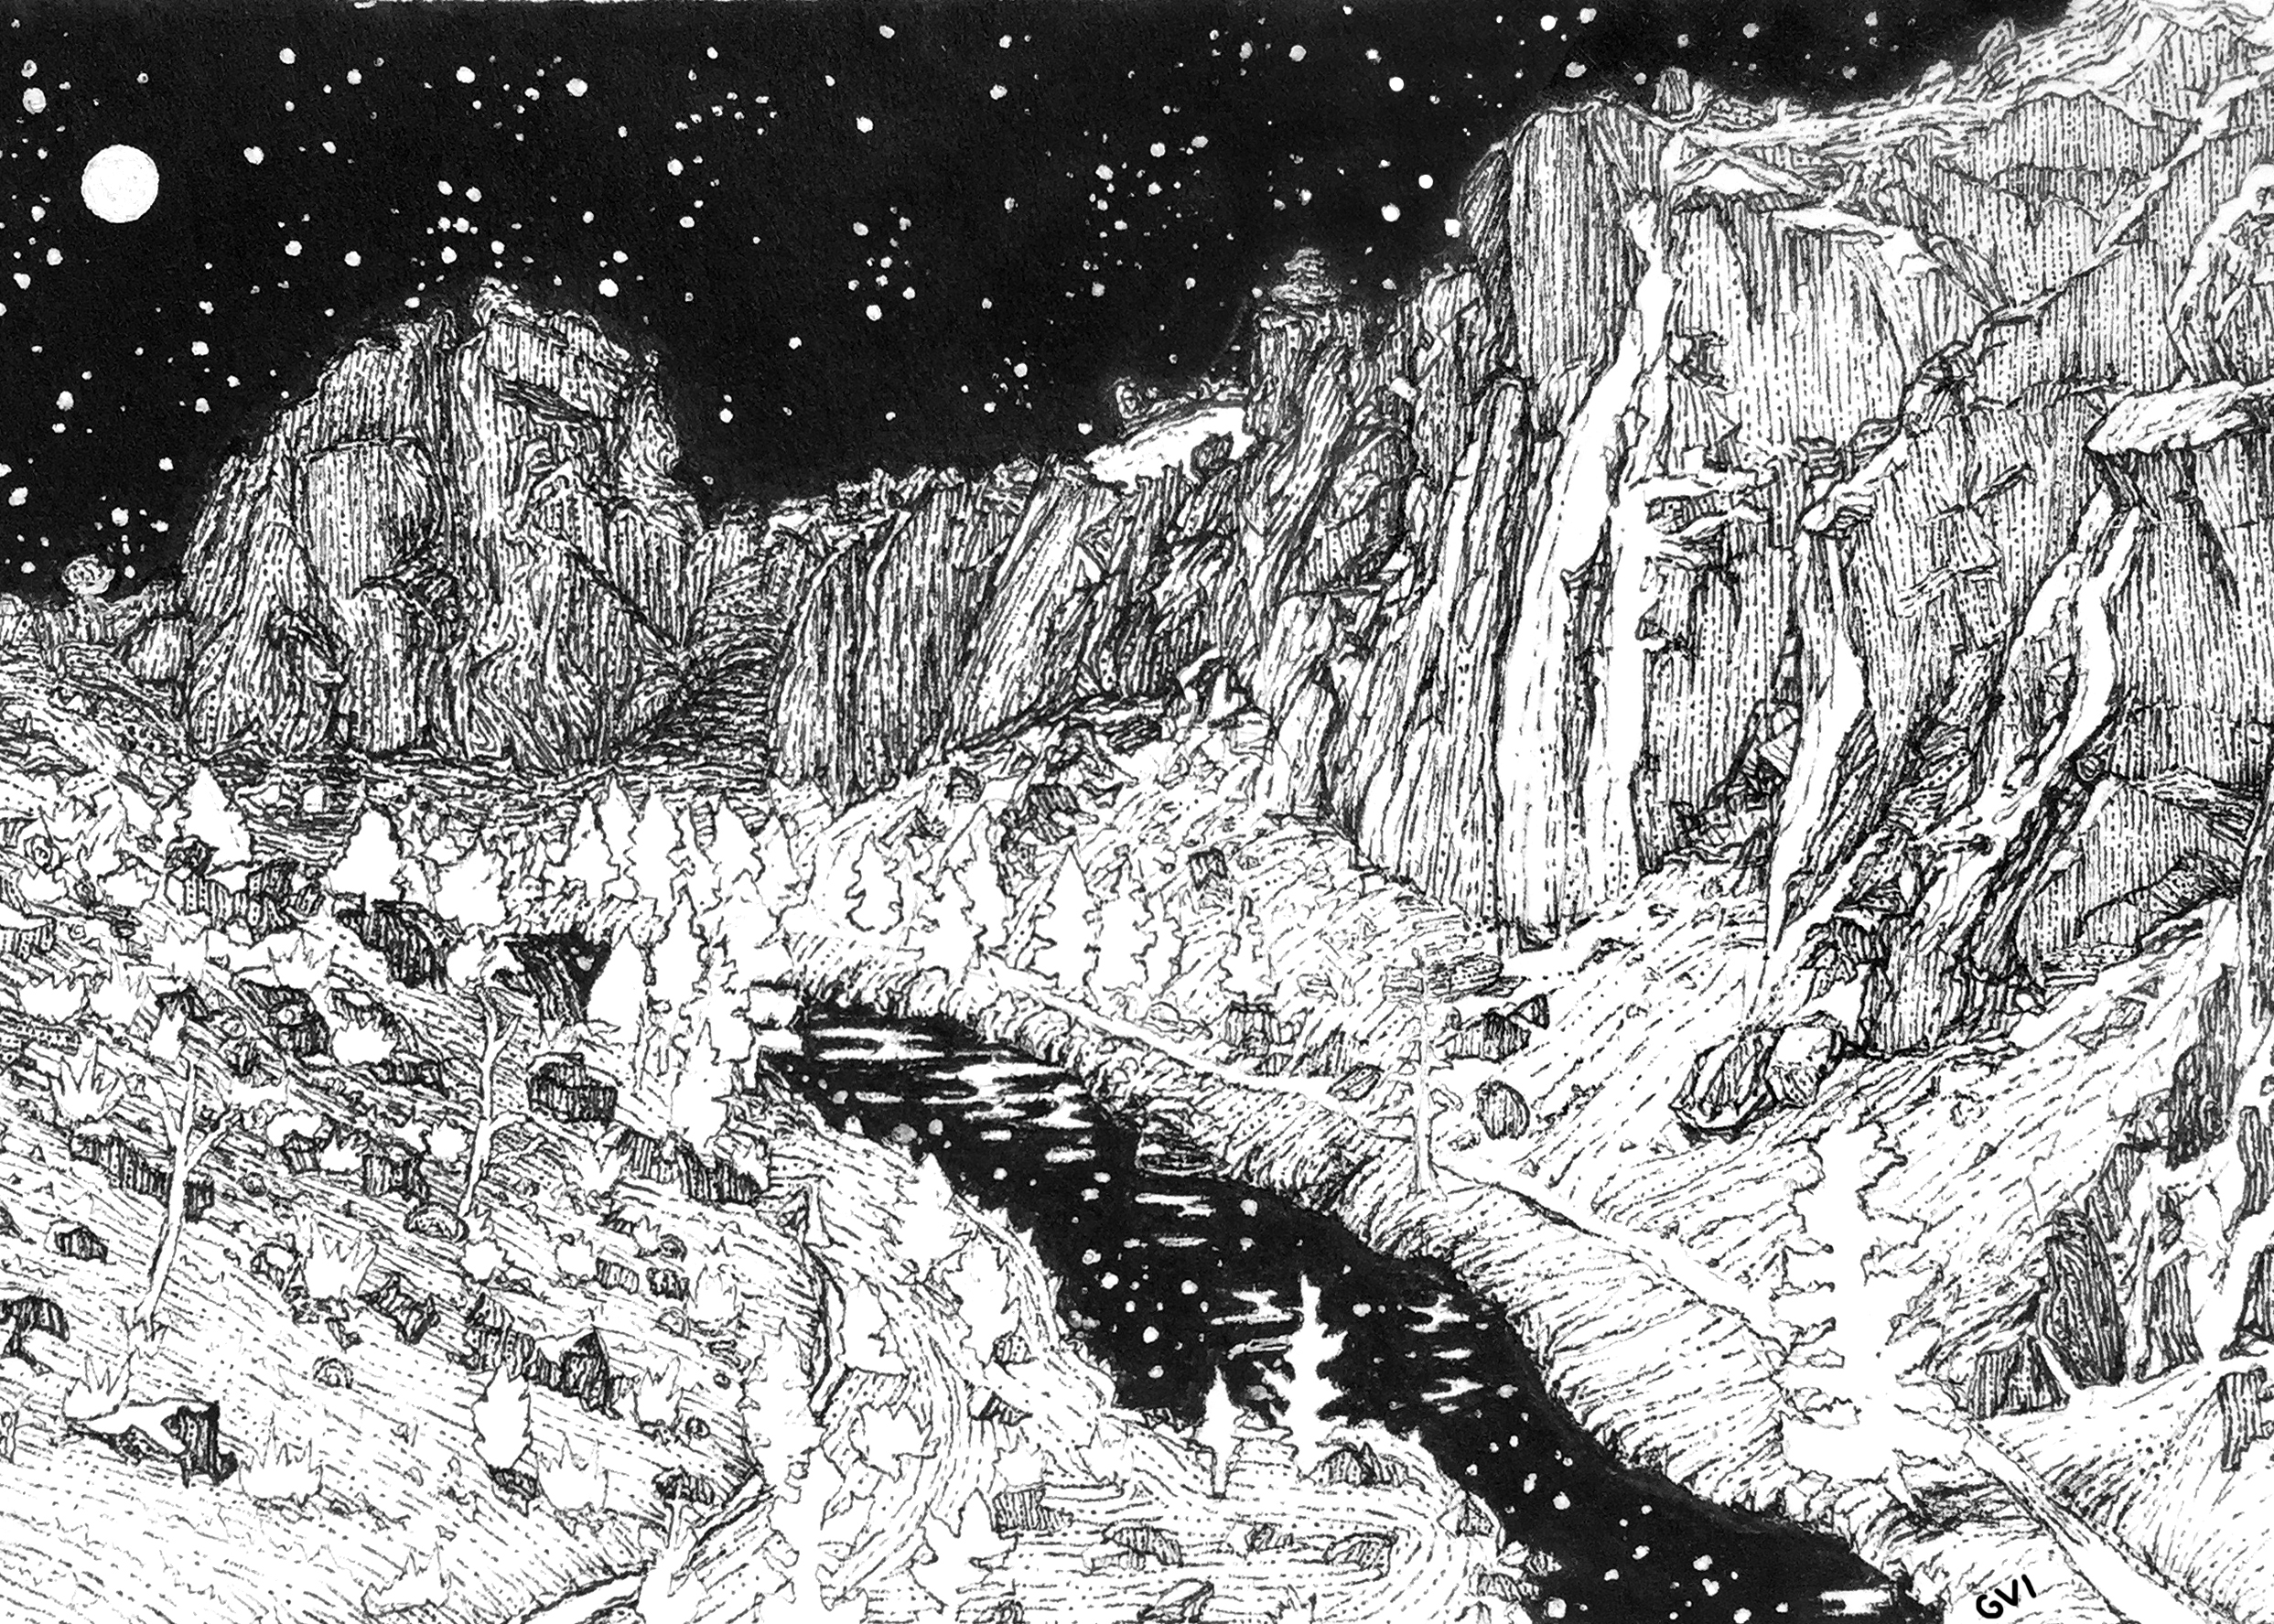 Smith Rock Moonlight